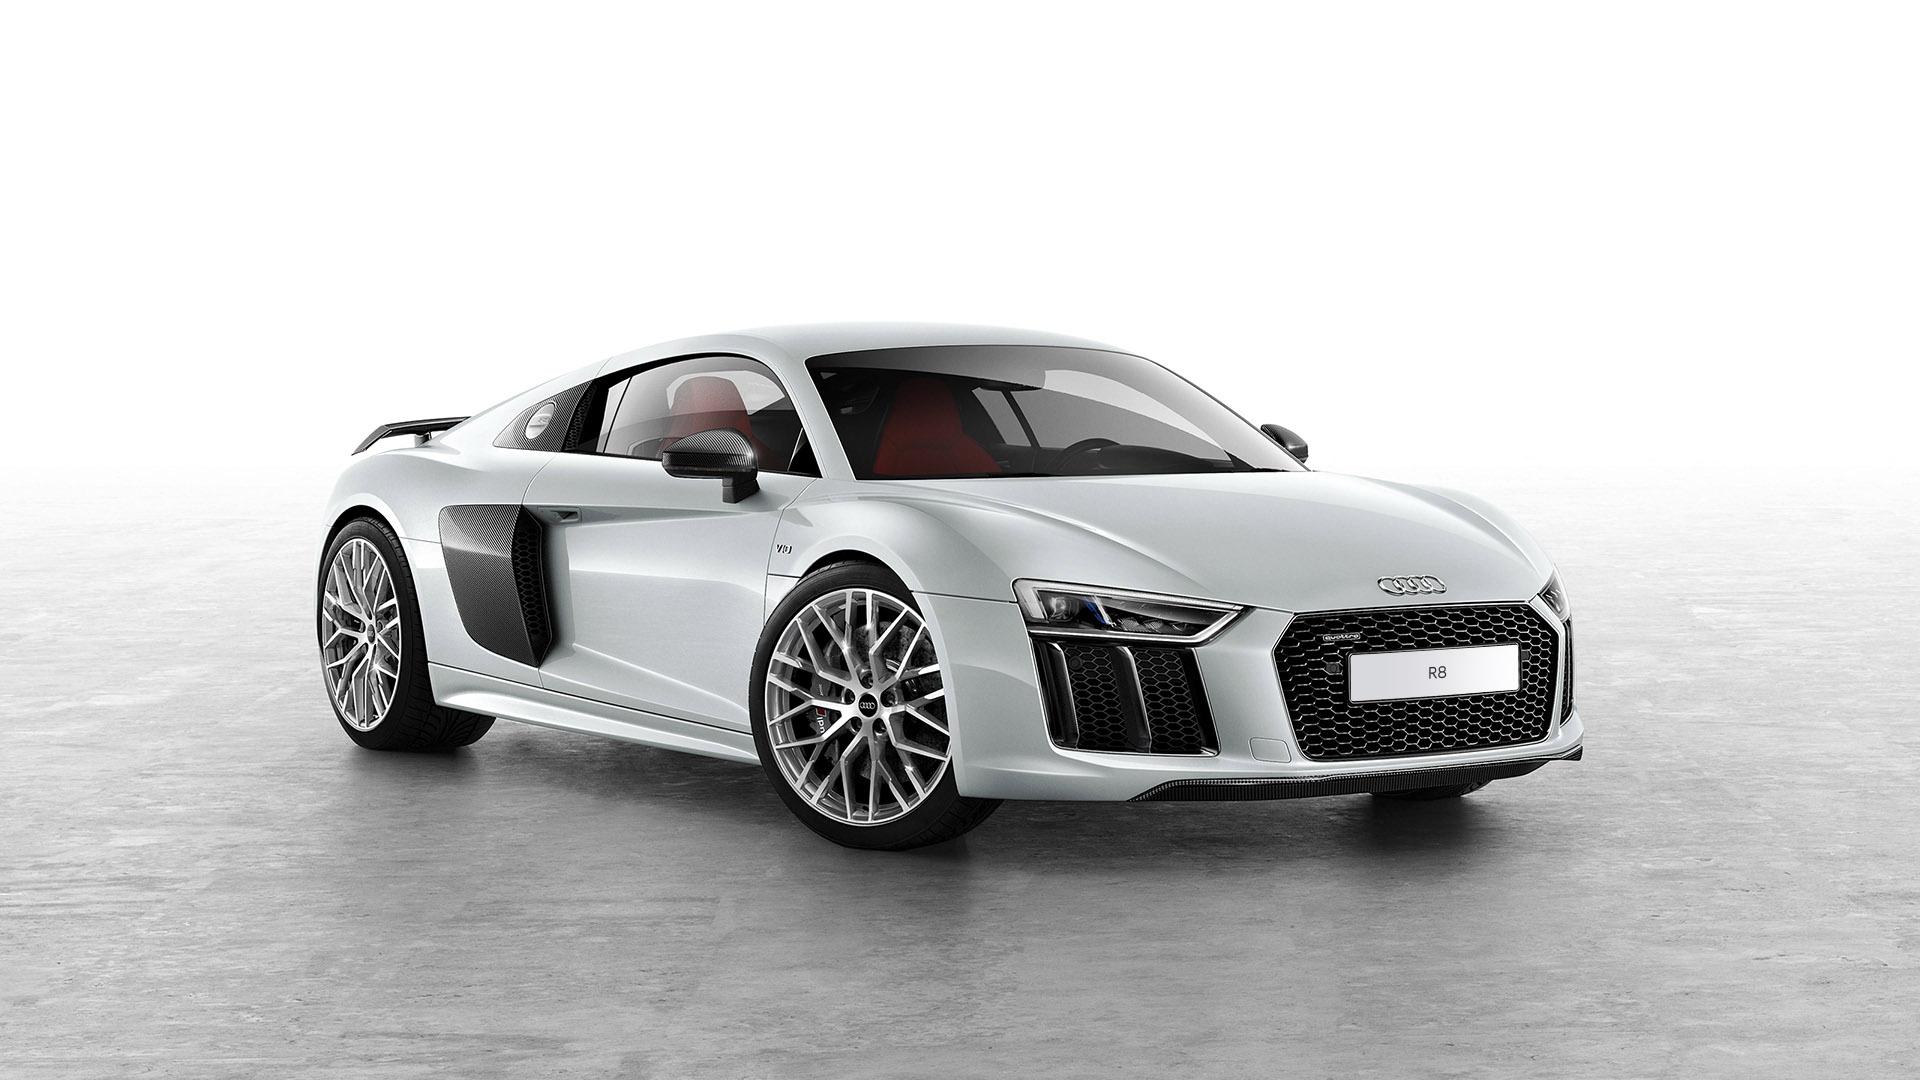 Классные картинки и обои автомобиля Audi R8 - подборка 25 фото 5